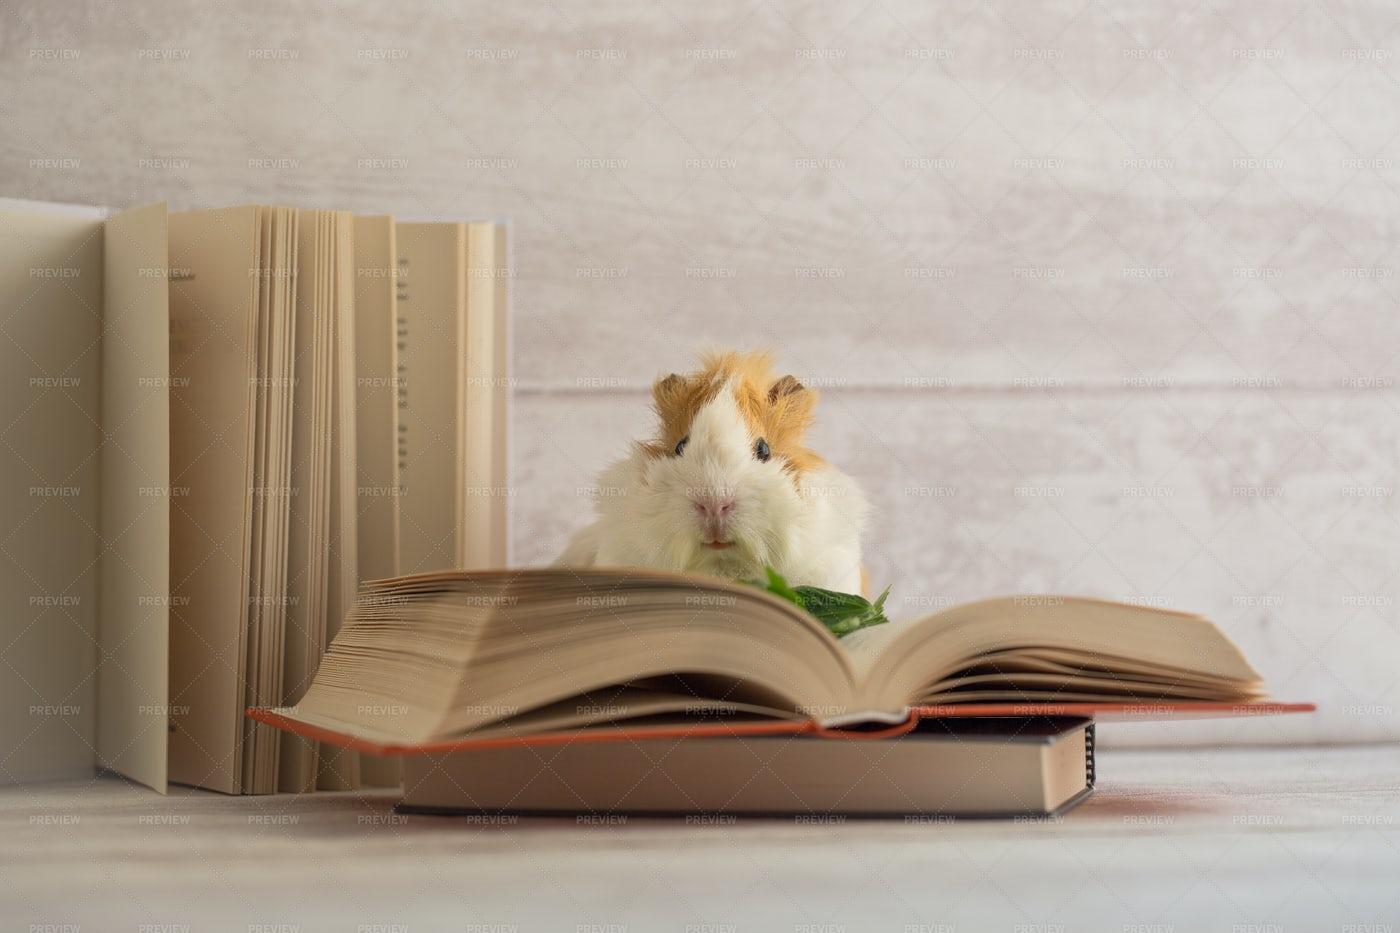 Guinea Pig And Books: Stock Photos